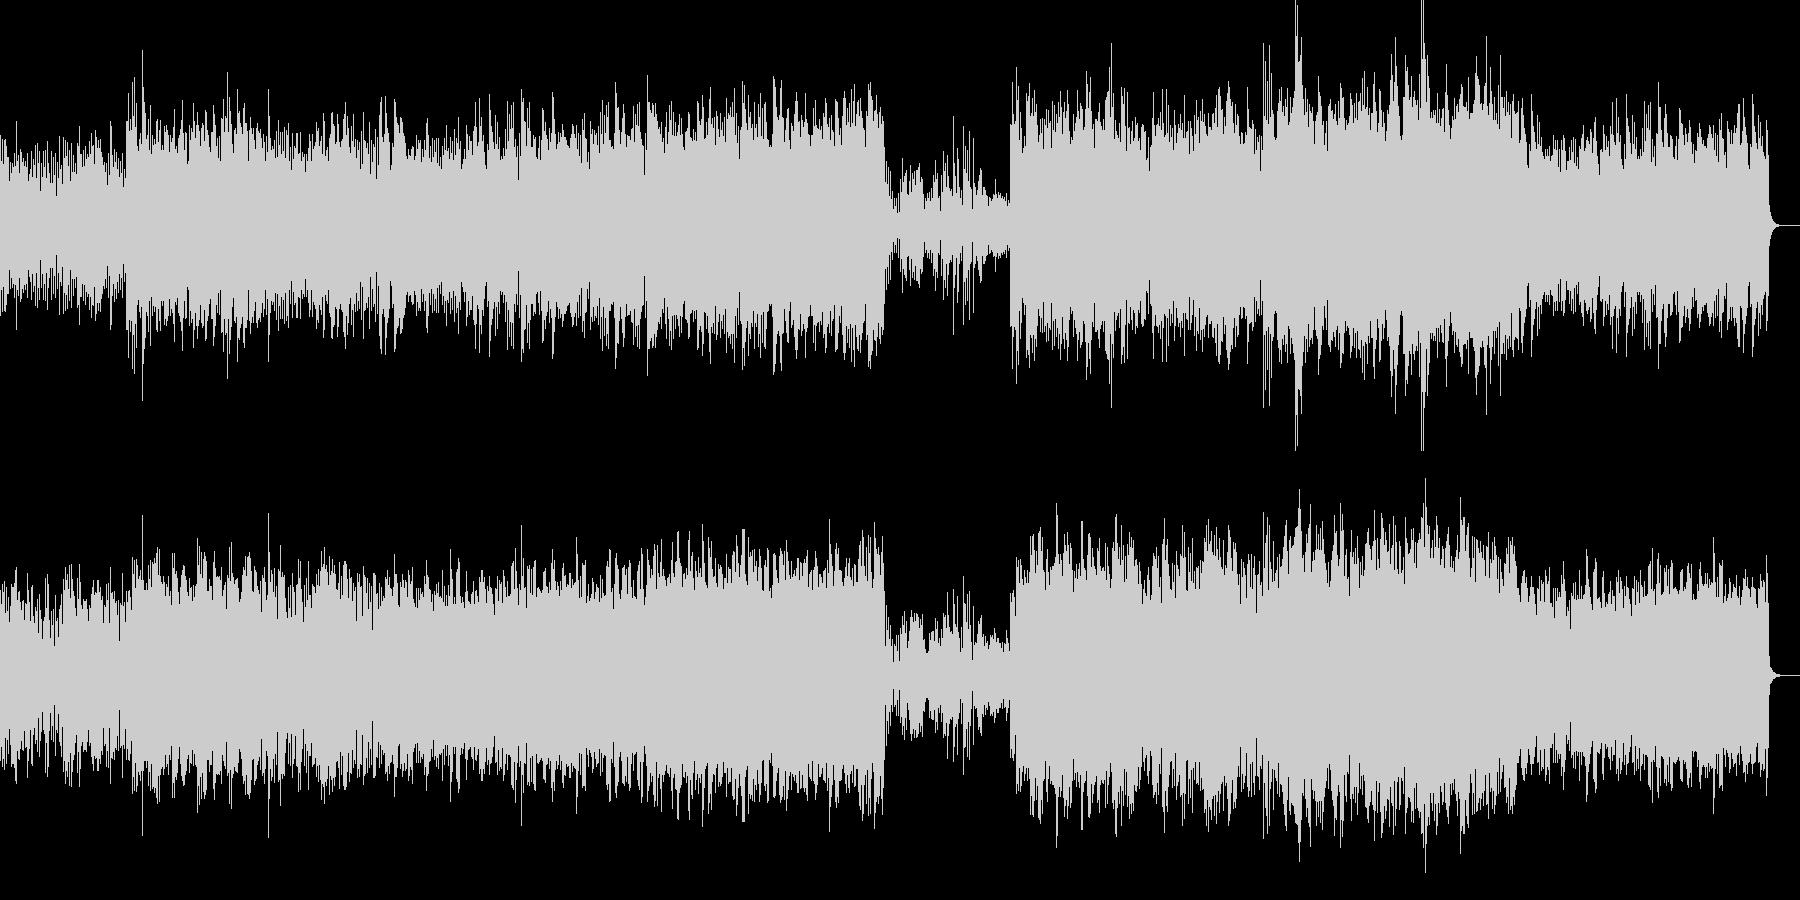 渓流のせせらぎをイメージしたピアノ曲ですの未再生の波形